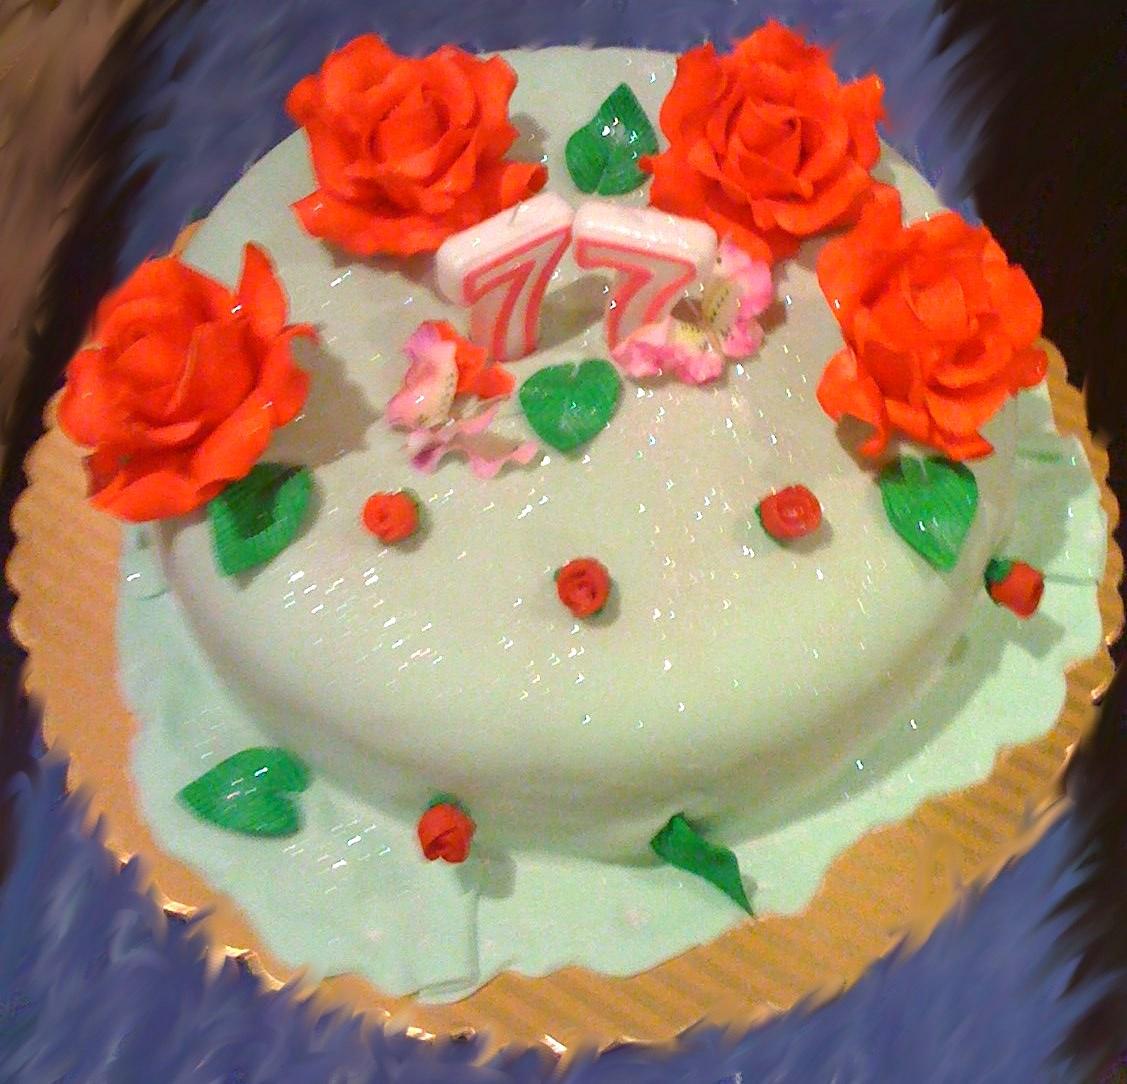 tortas varias con decoraciones de flores